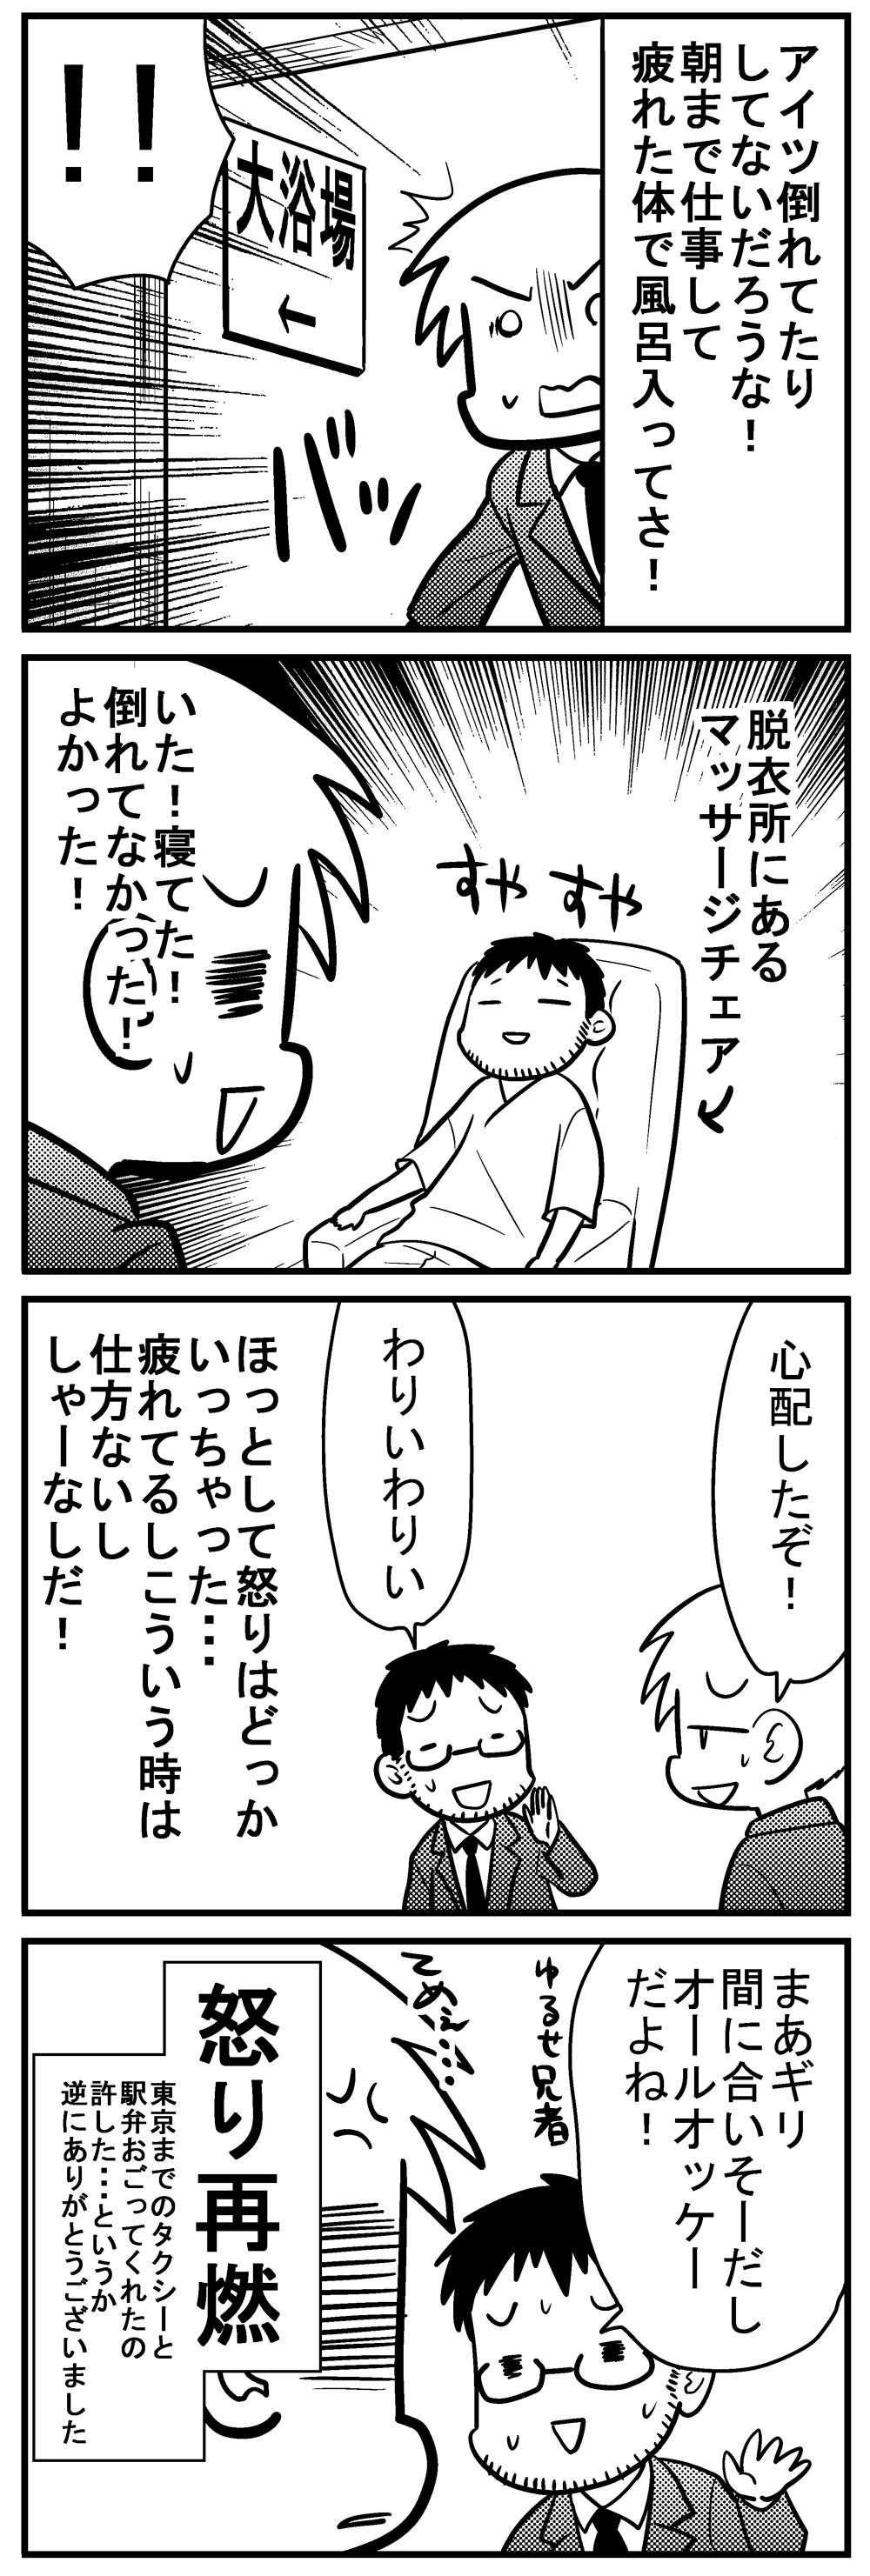 深読みくん135 4